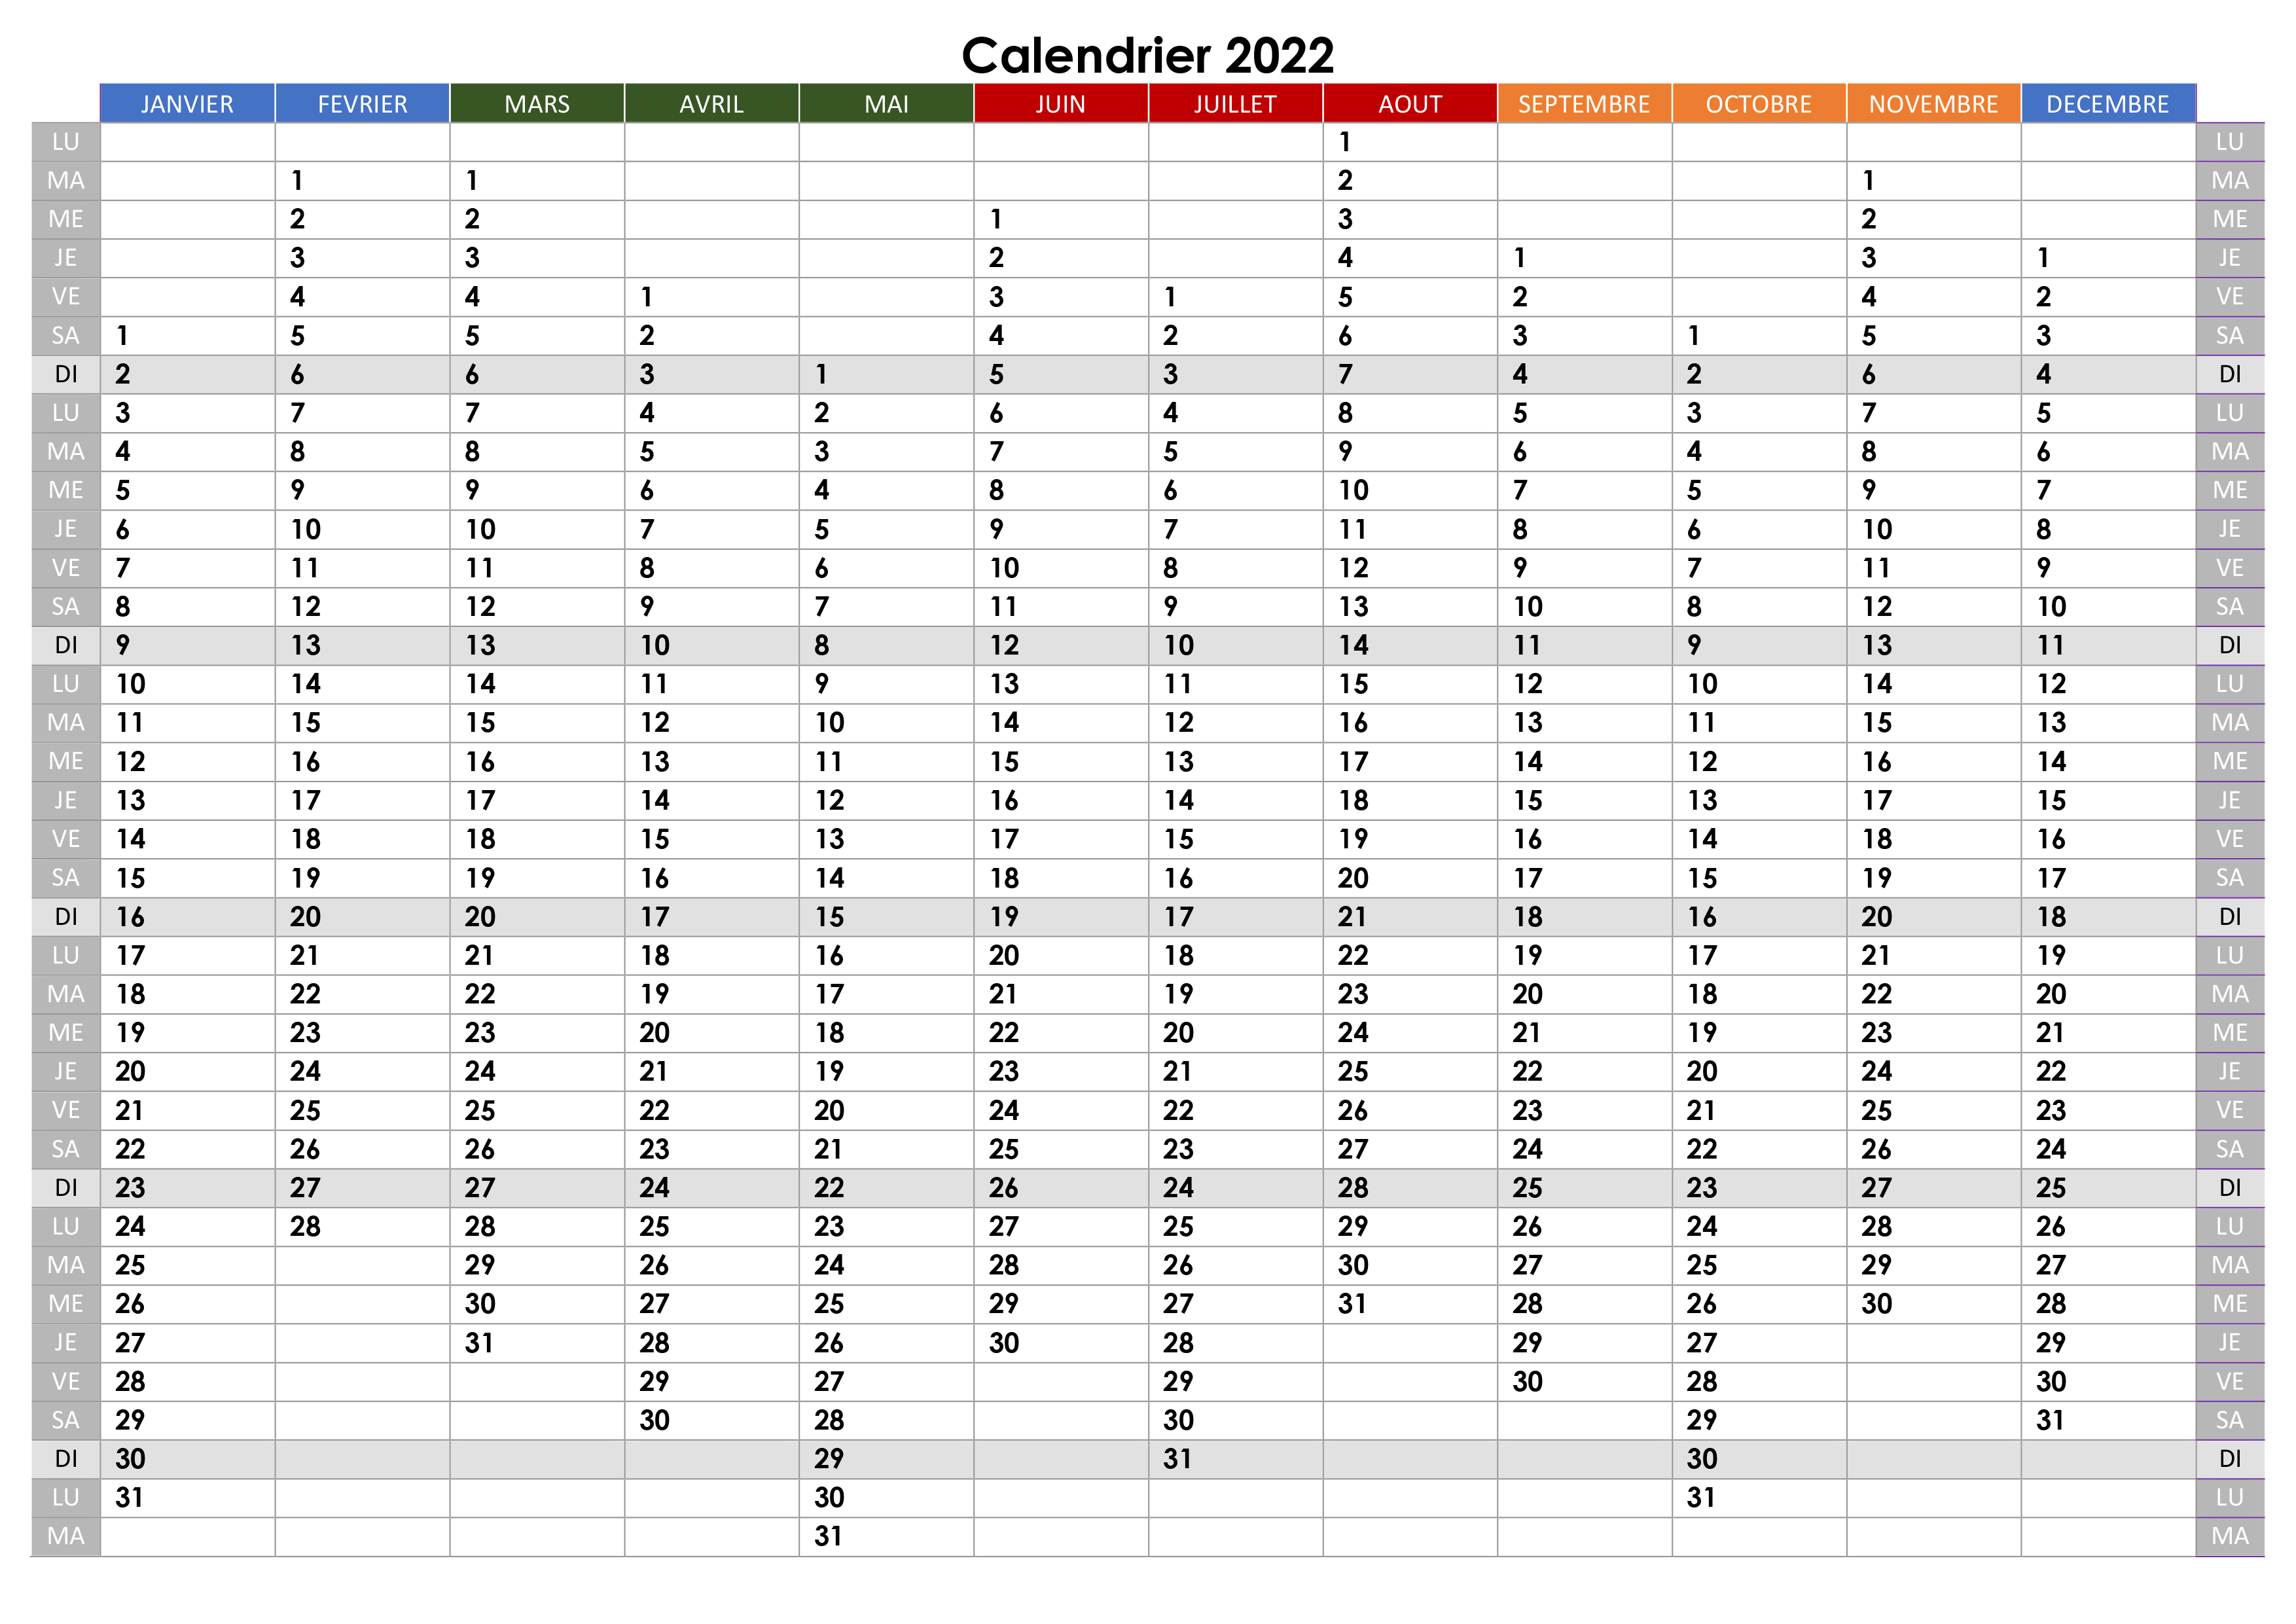 Calendrier Vierge 2022 2023 Calendrier annuel 2022 – calendrier.su